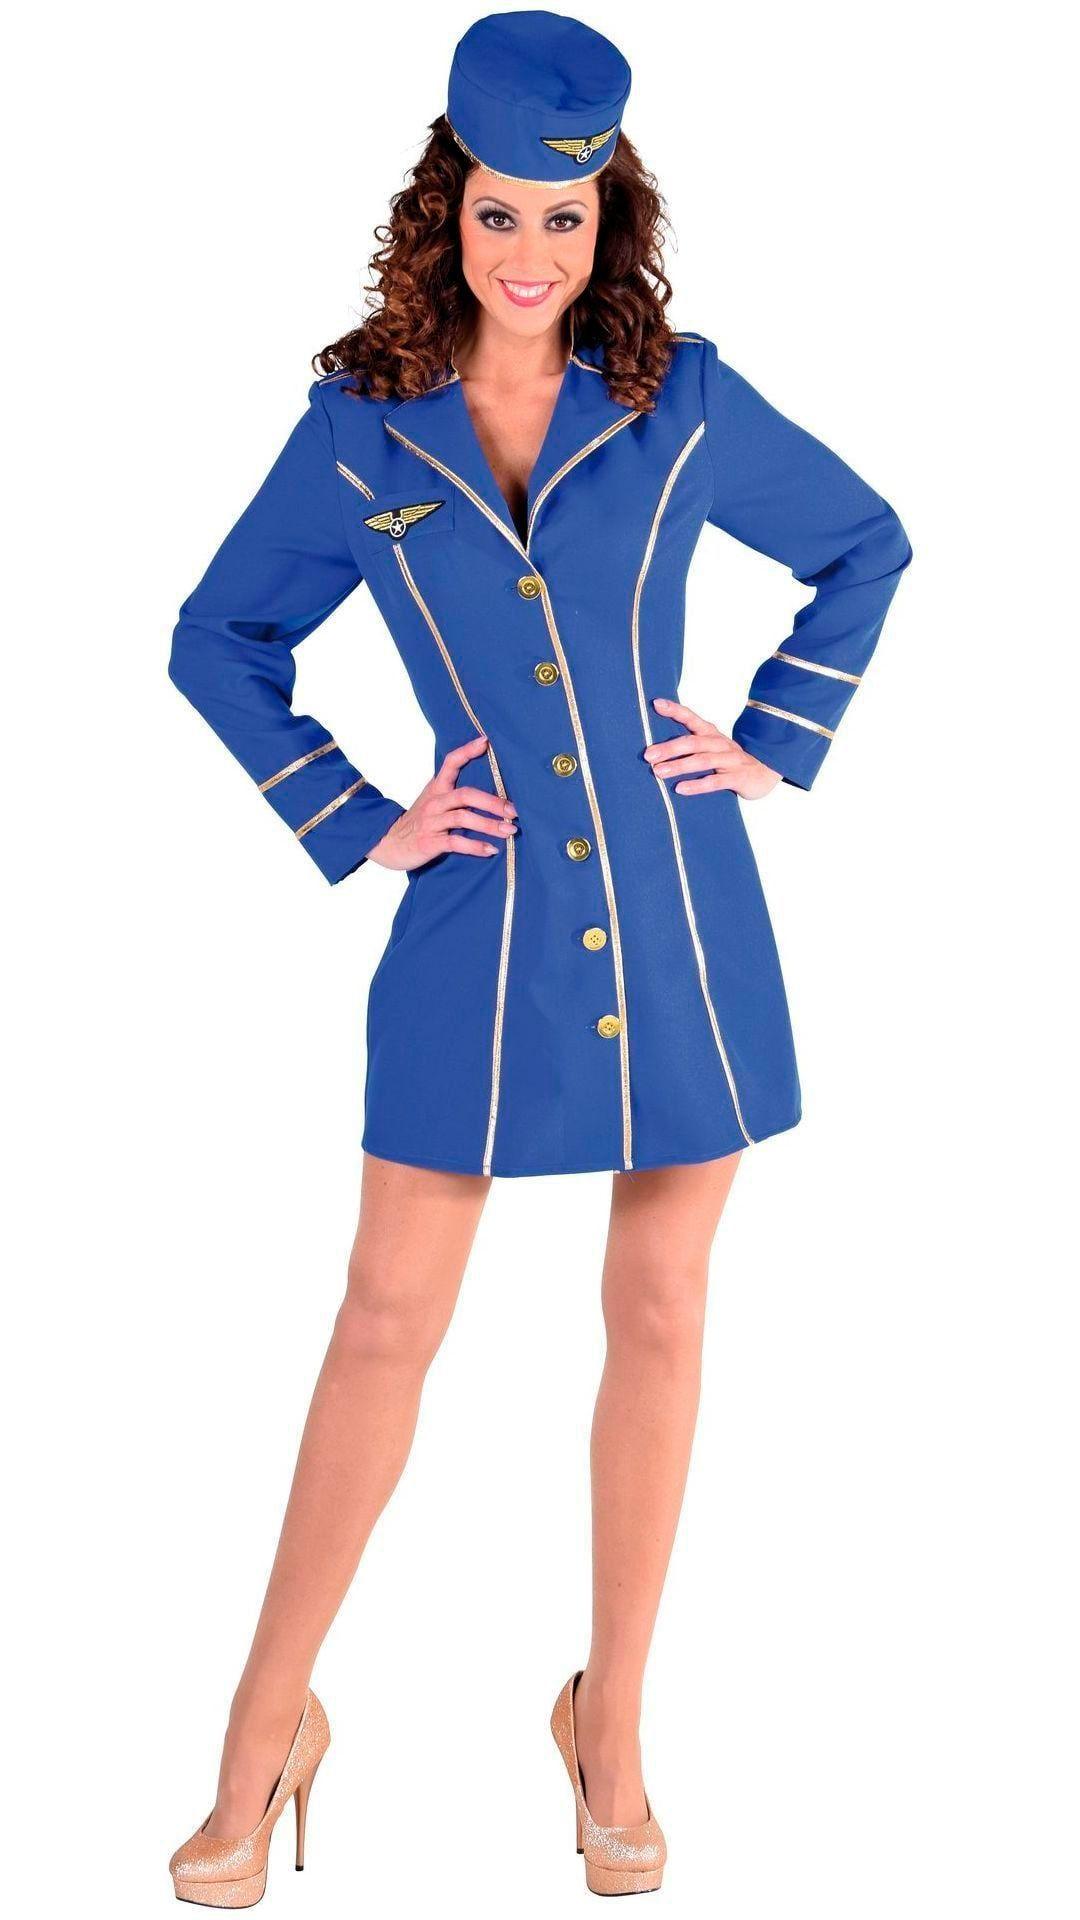 Stewardess kostuum blauw vrouwen